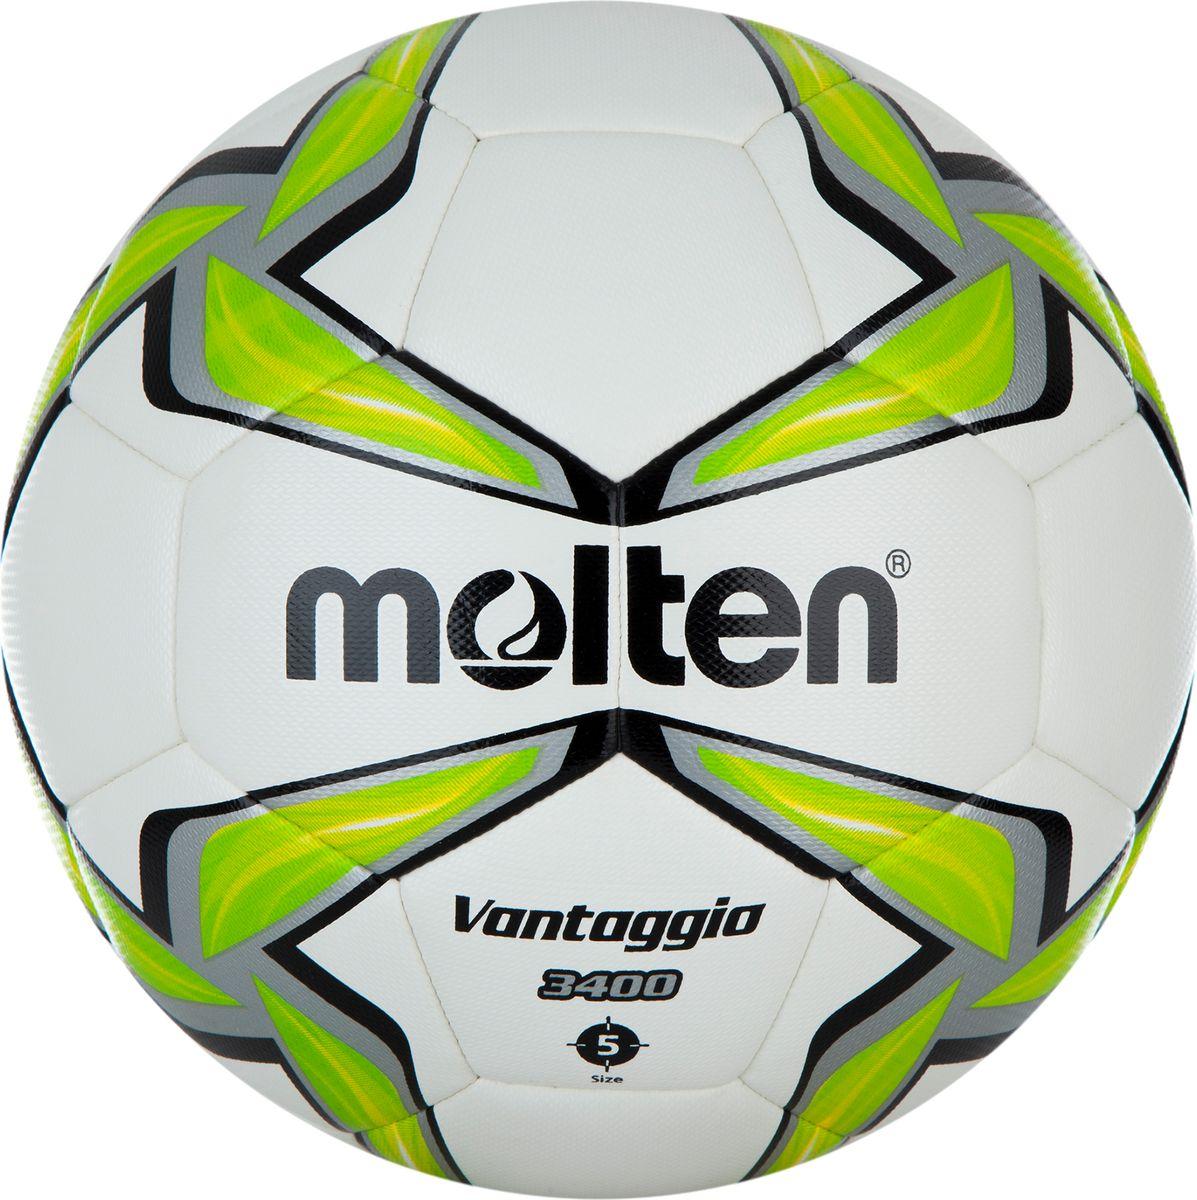 Мяч футбольный Molten. Размер 5. F5V3400-GF5V3400-GФутбольный мяч от Molten.Высокая ПрочностьВ модели используется комбинированное соединение панелей: машинное шитье с последующей термосклейкой. Мяч остается мягким, но при этом прочным, как при ручной сшивке.Устойчивость к стираниюПокрышка из полиуретановой синтетической кожи обеспечивает долговечность и устойчивость к истиранию.Гарантия 2 годаДвухлетняя гарантия на качество швов и сохранение формы